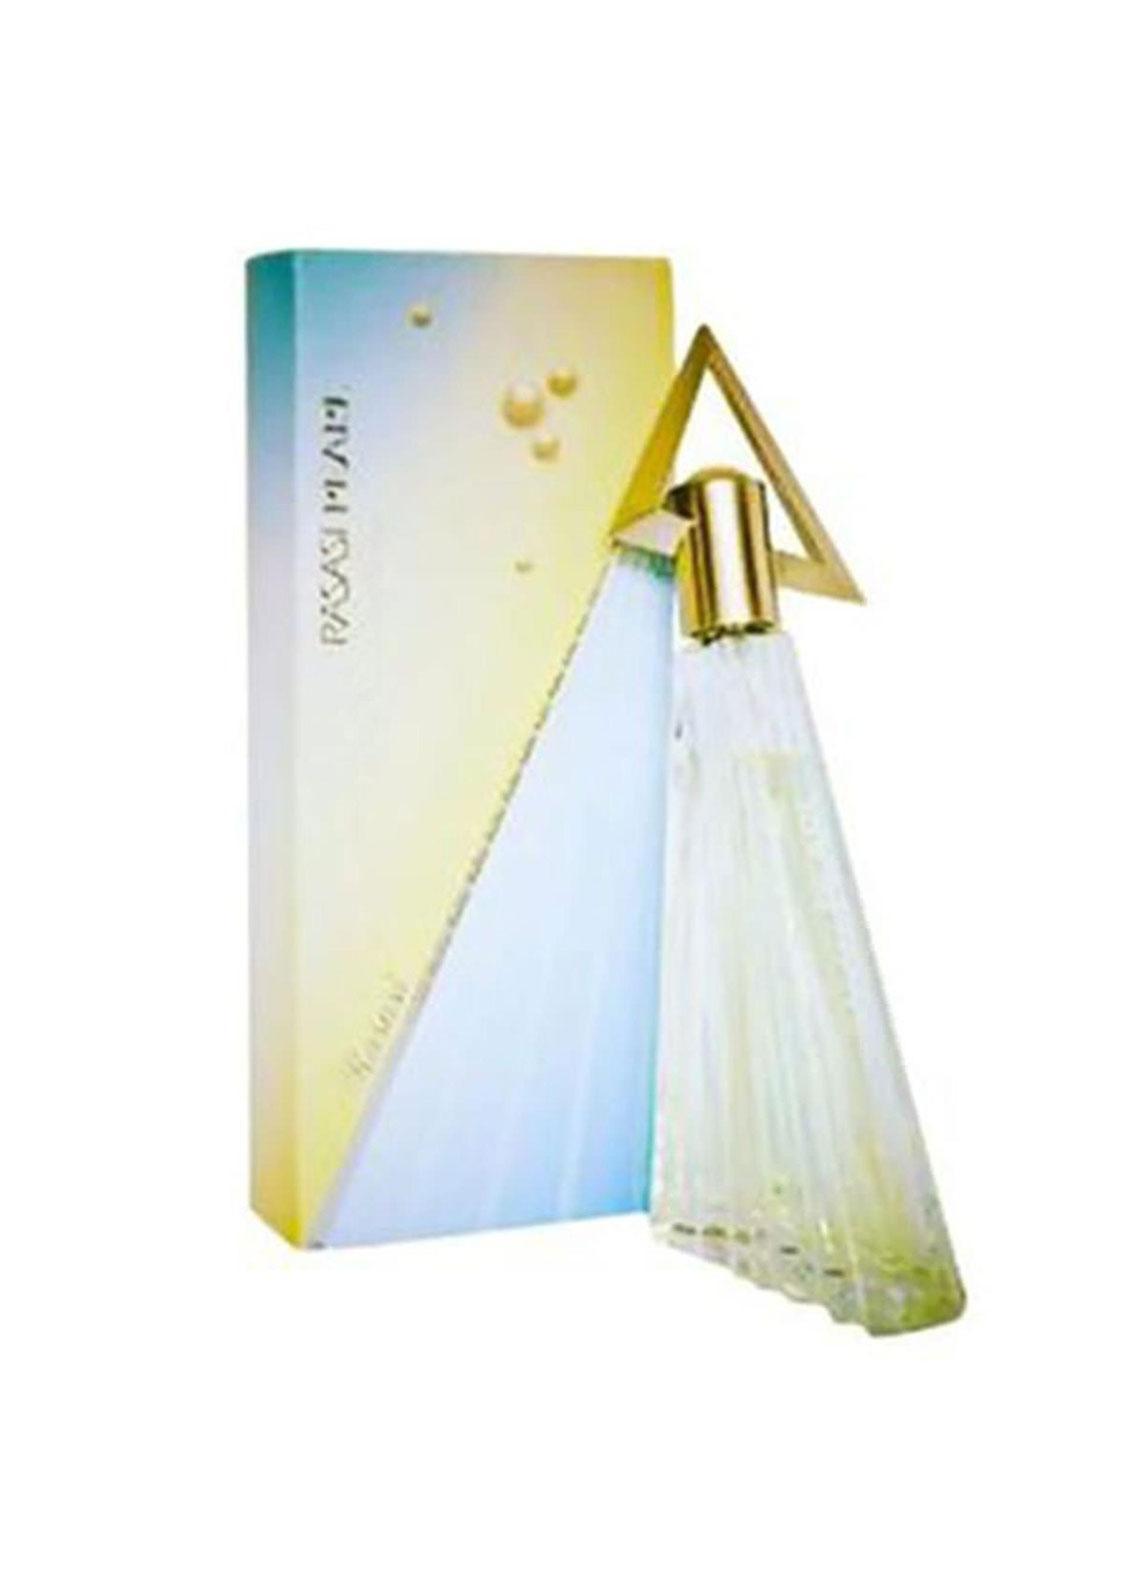 Rasasi Rasasi Pearl women's perfume EDP